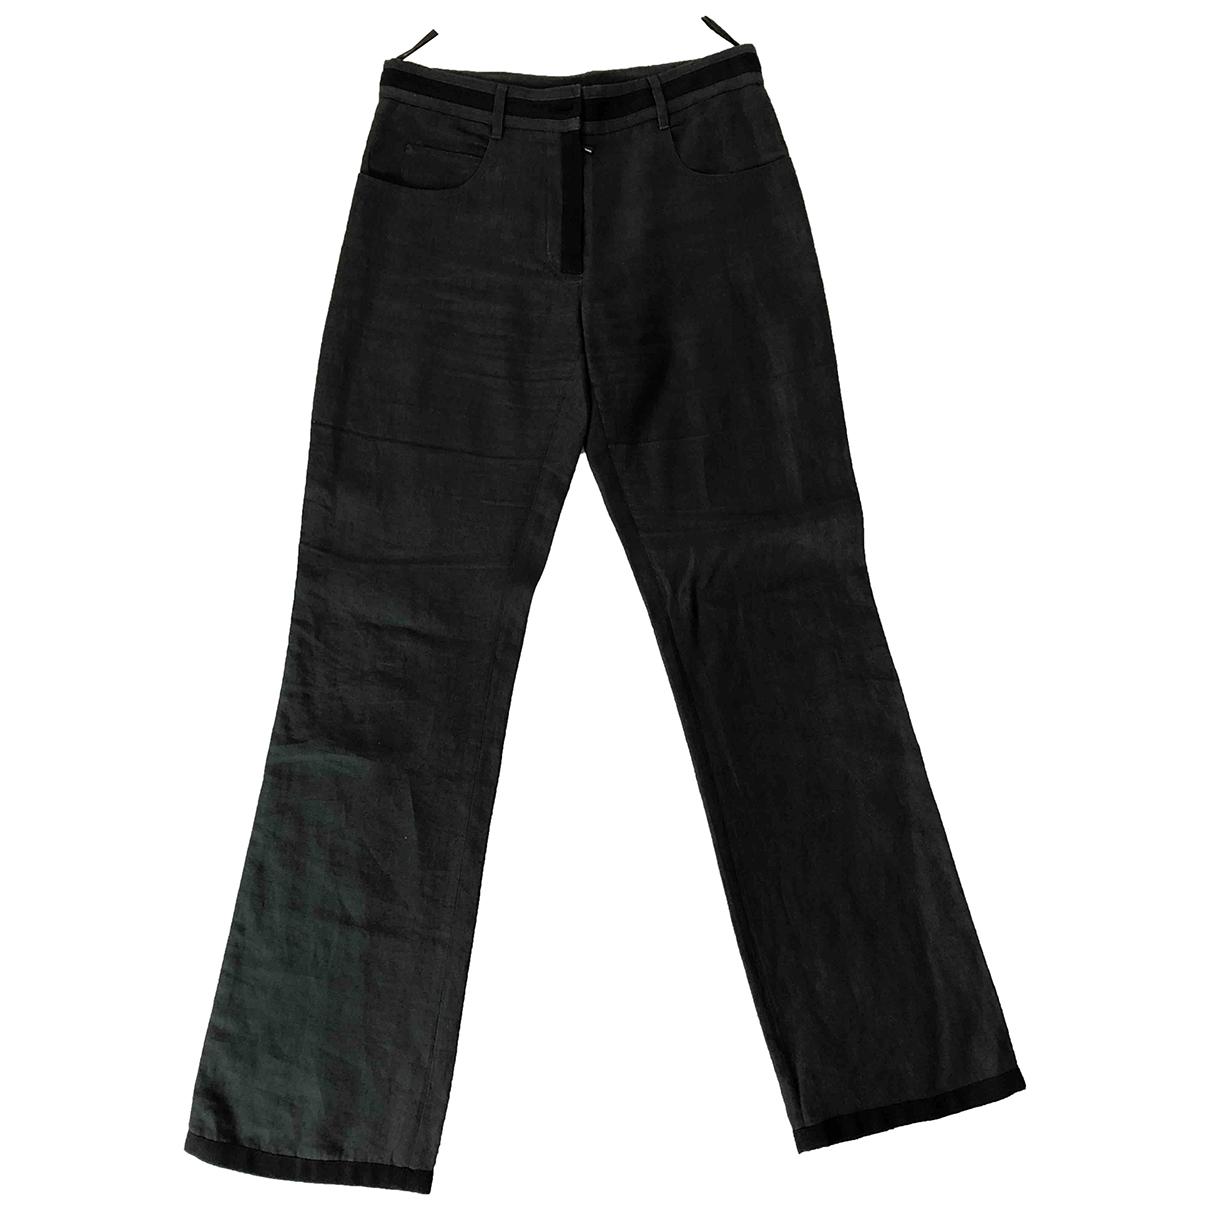 Chanel \N Green Linen Trousers for Women 38 FR